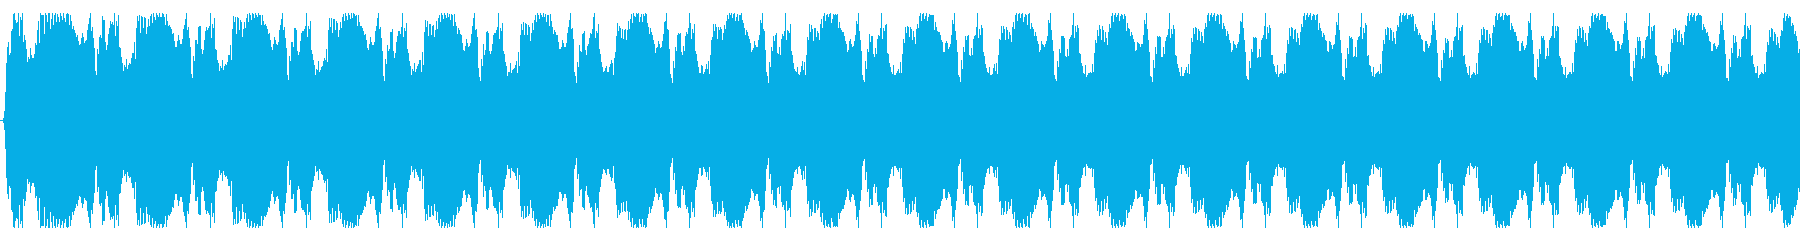 しつこいサイレンの再生済みの波形